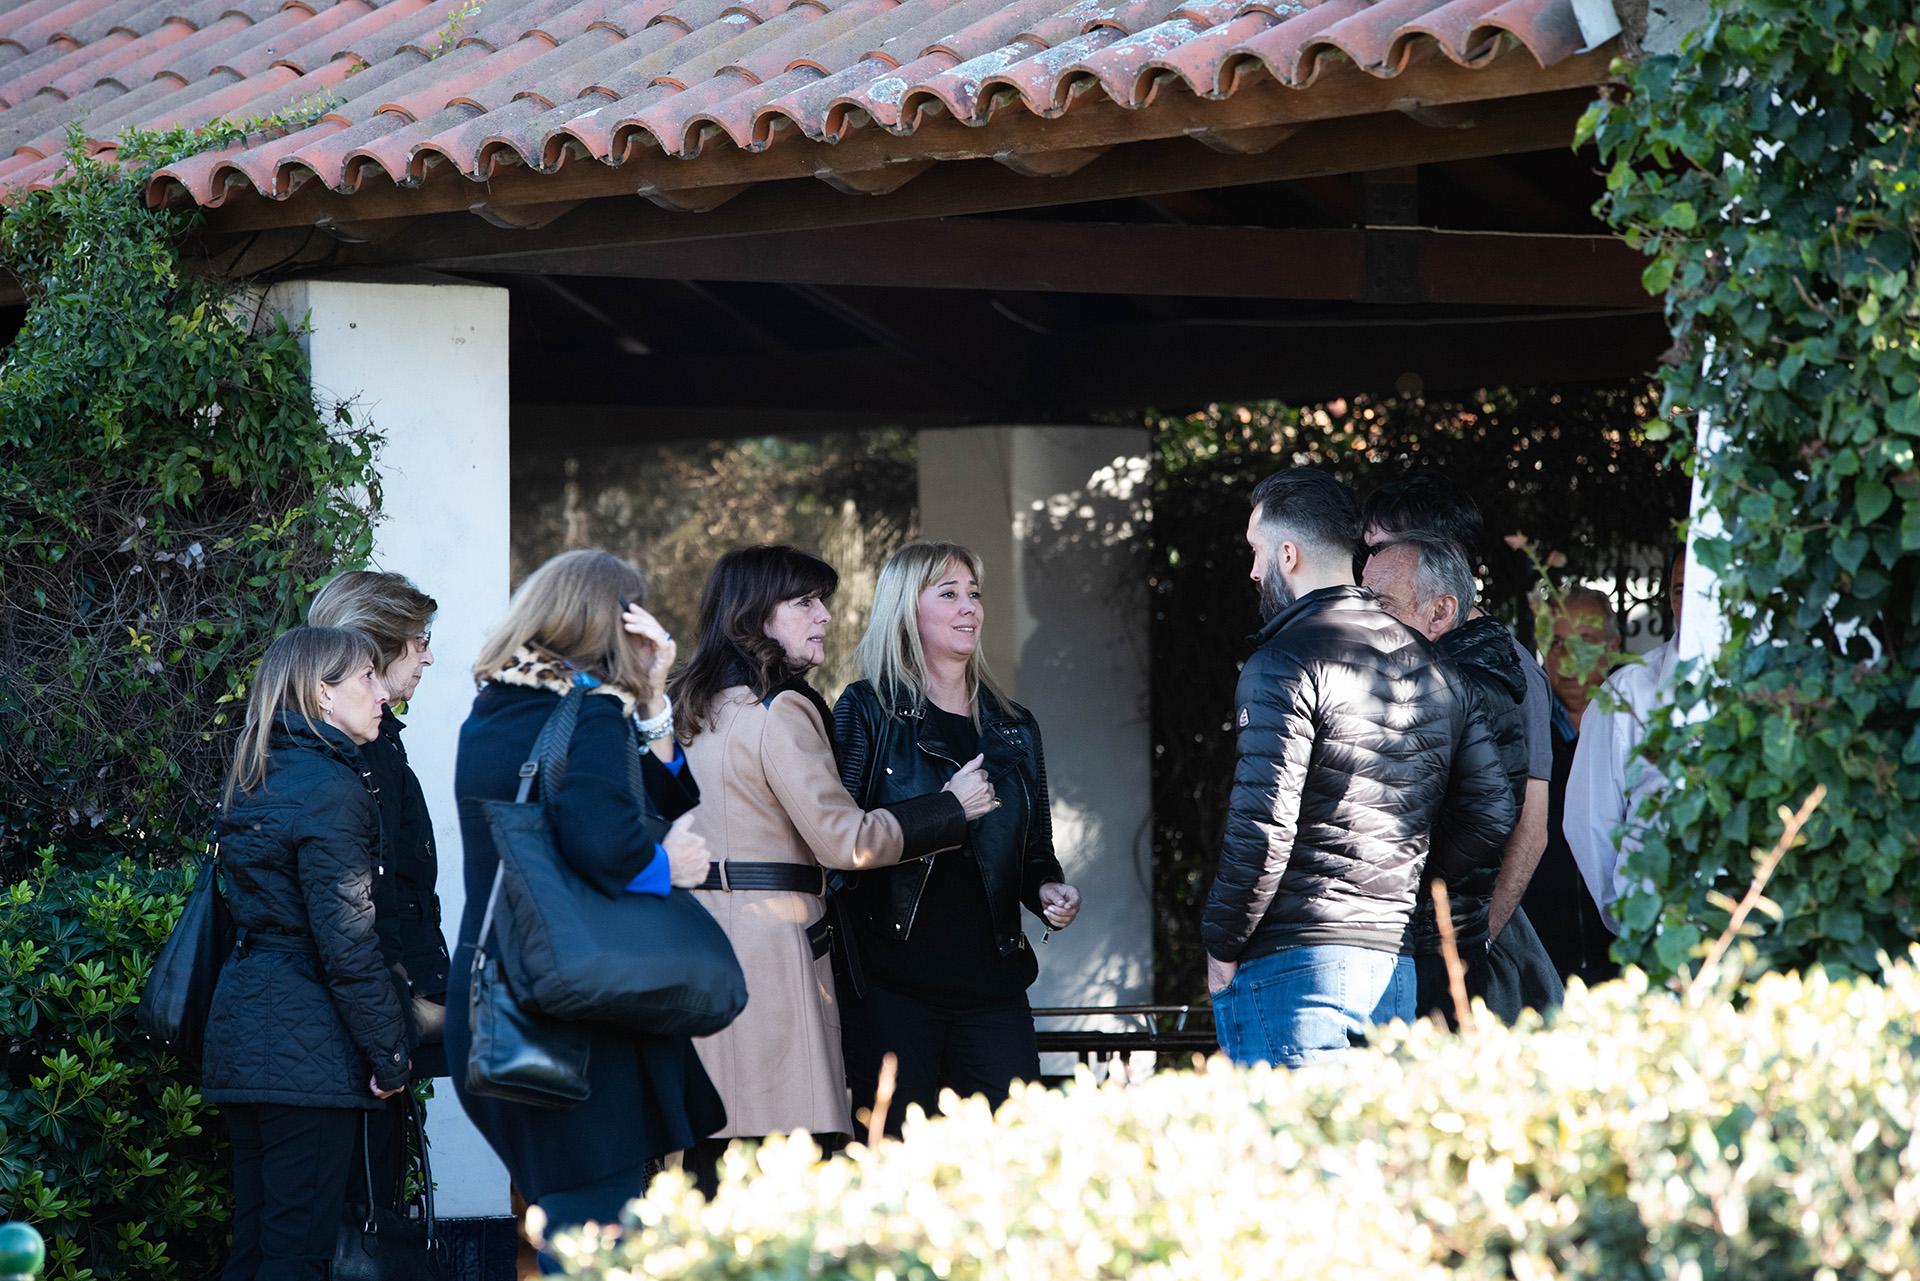 Allí se acercaron más amigos y conocidos de la familia (Franco Fafasuli)